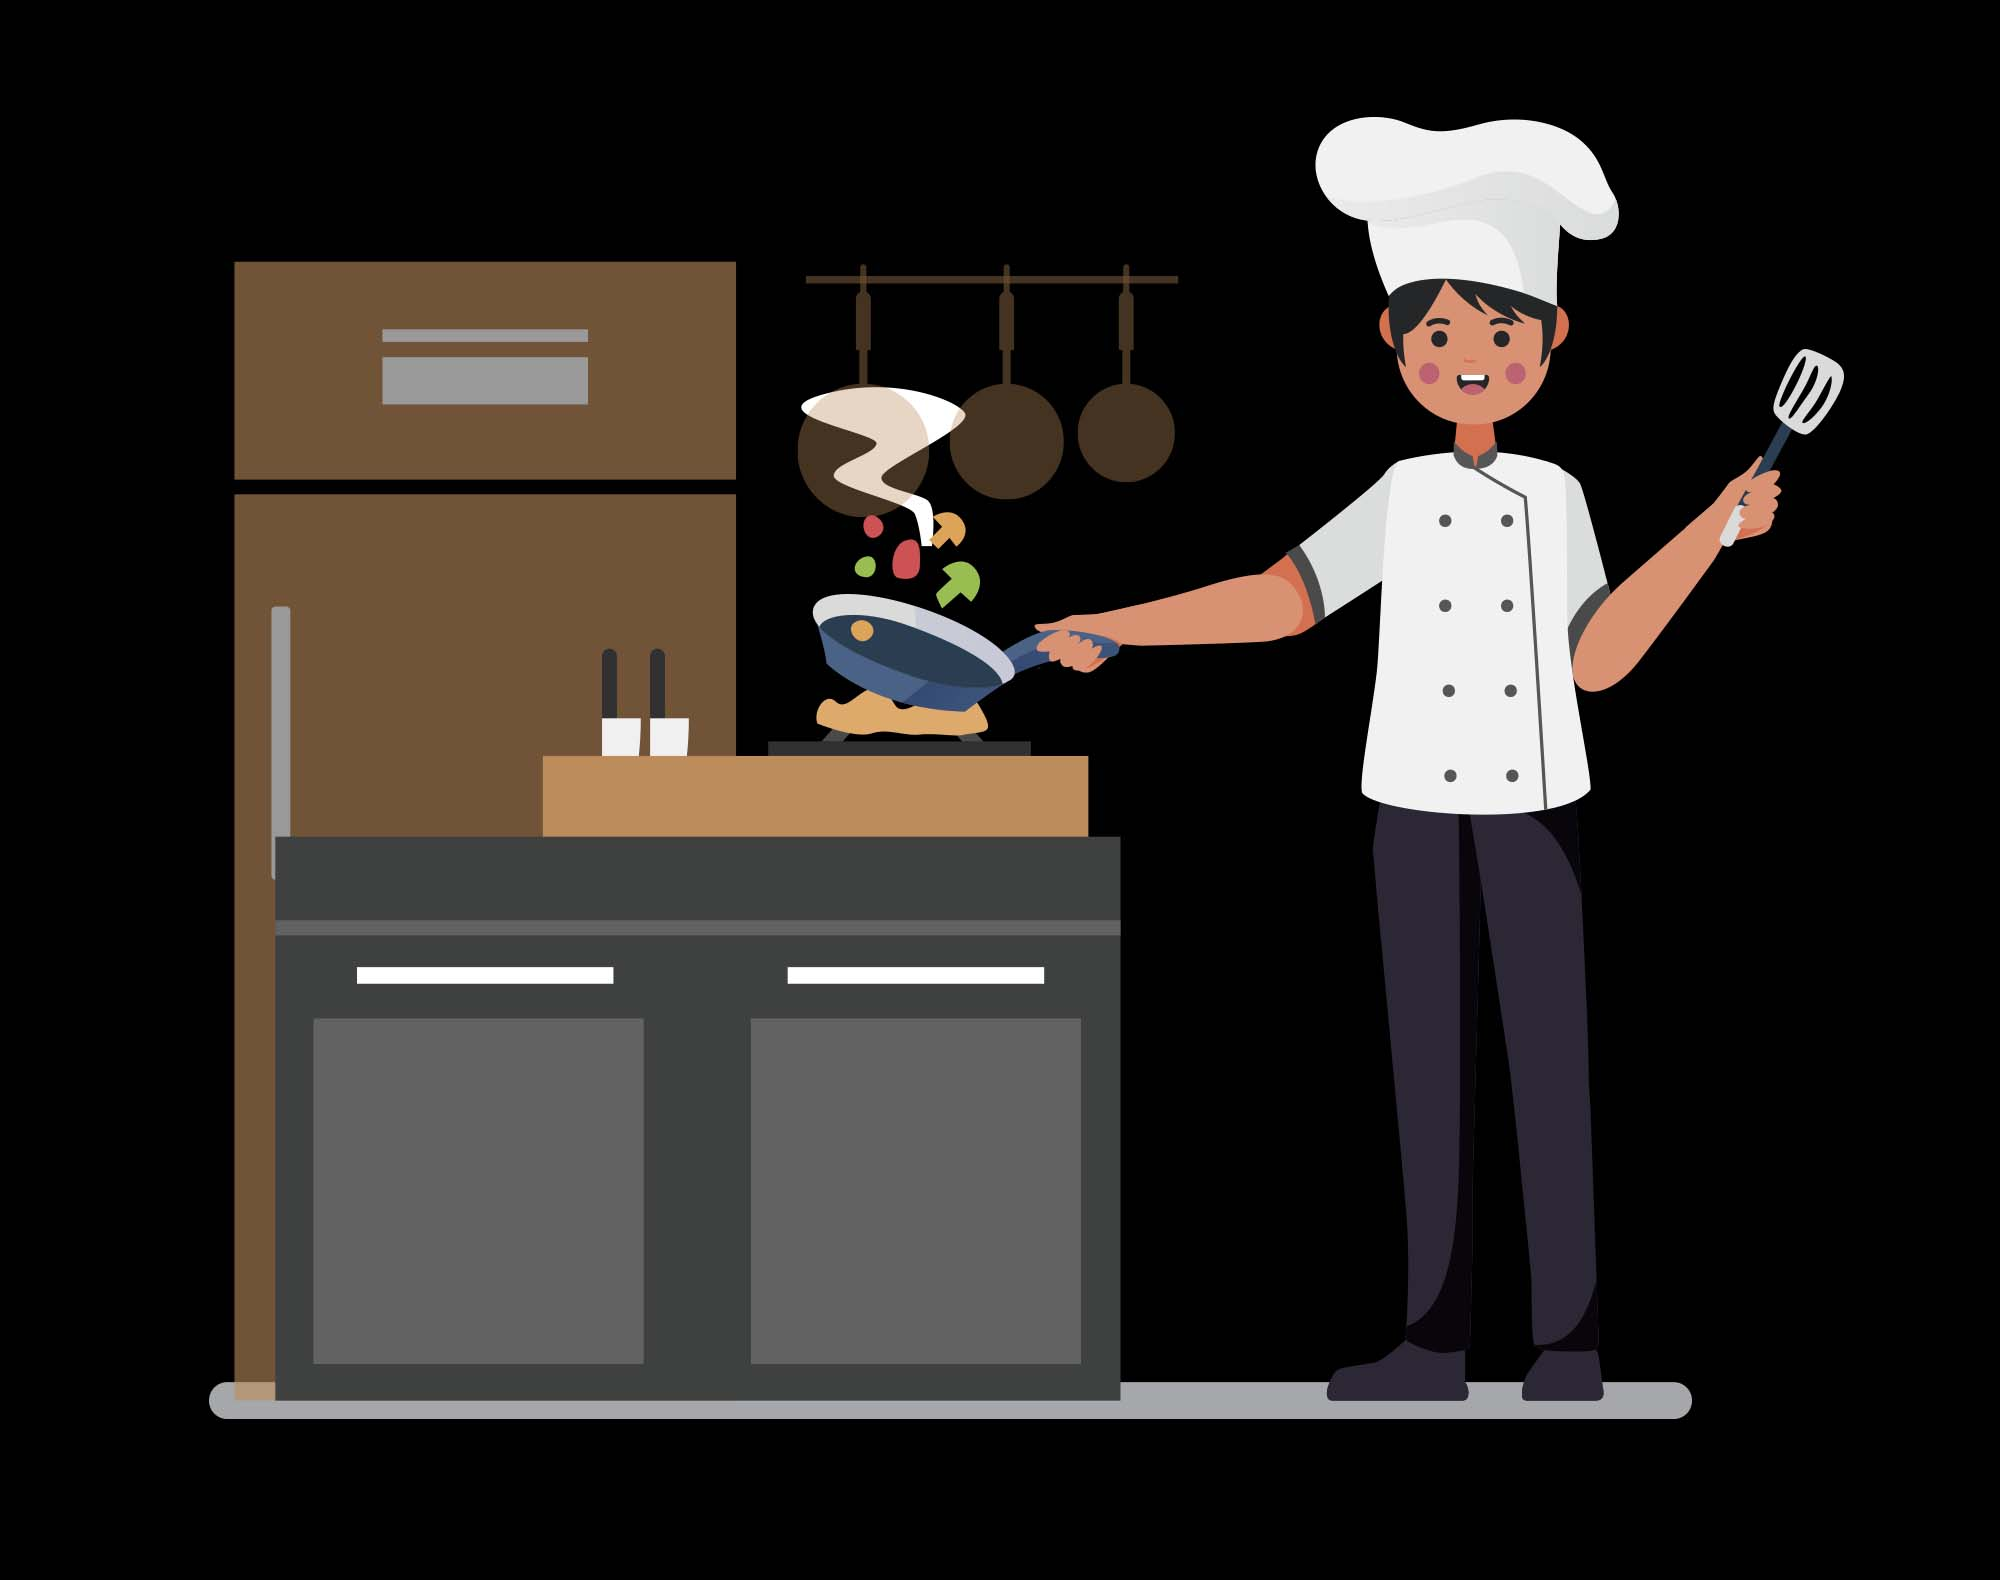 Chef Illustration 2